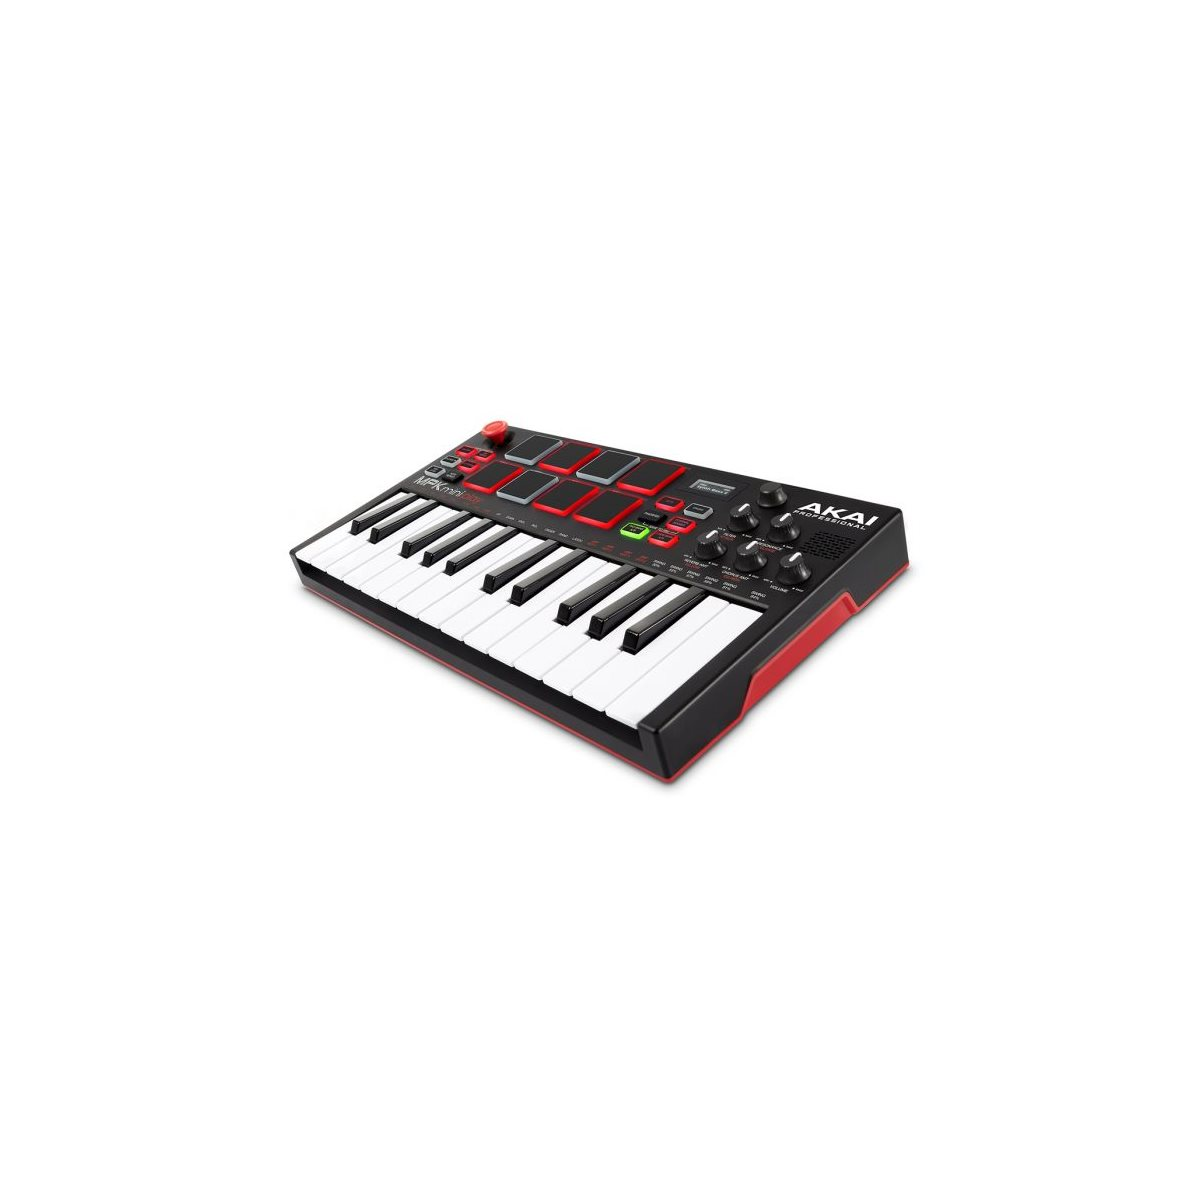 AKAI - MPK Mini Play - Mini Controller Keyboard